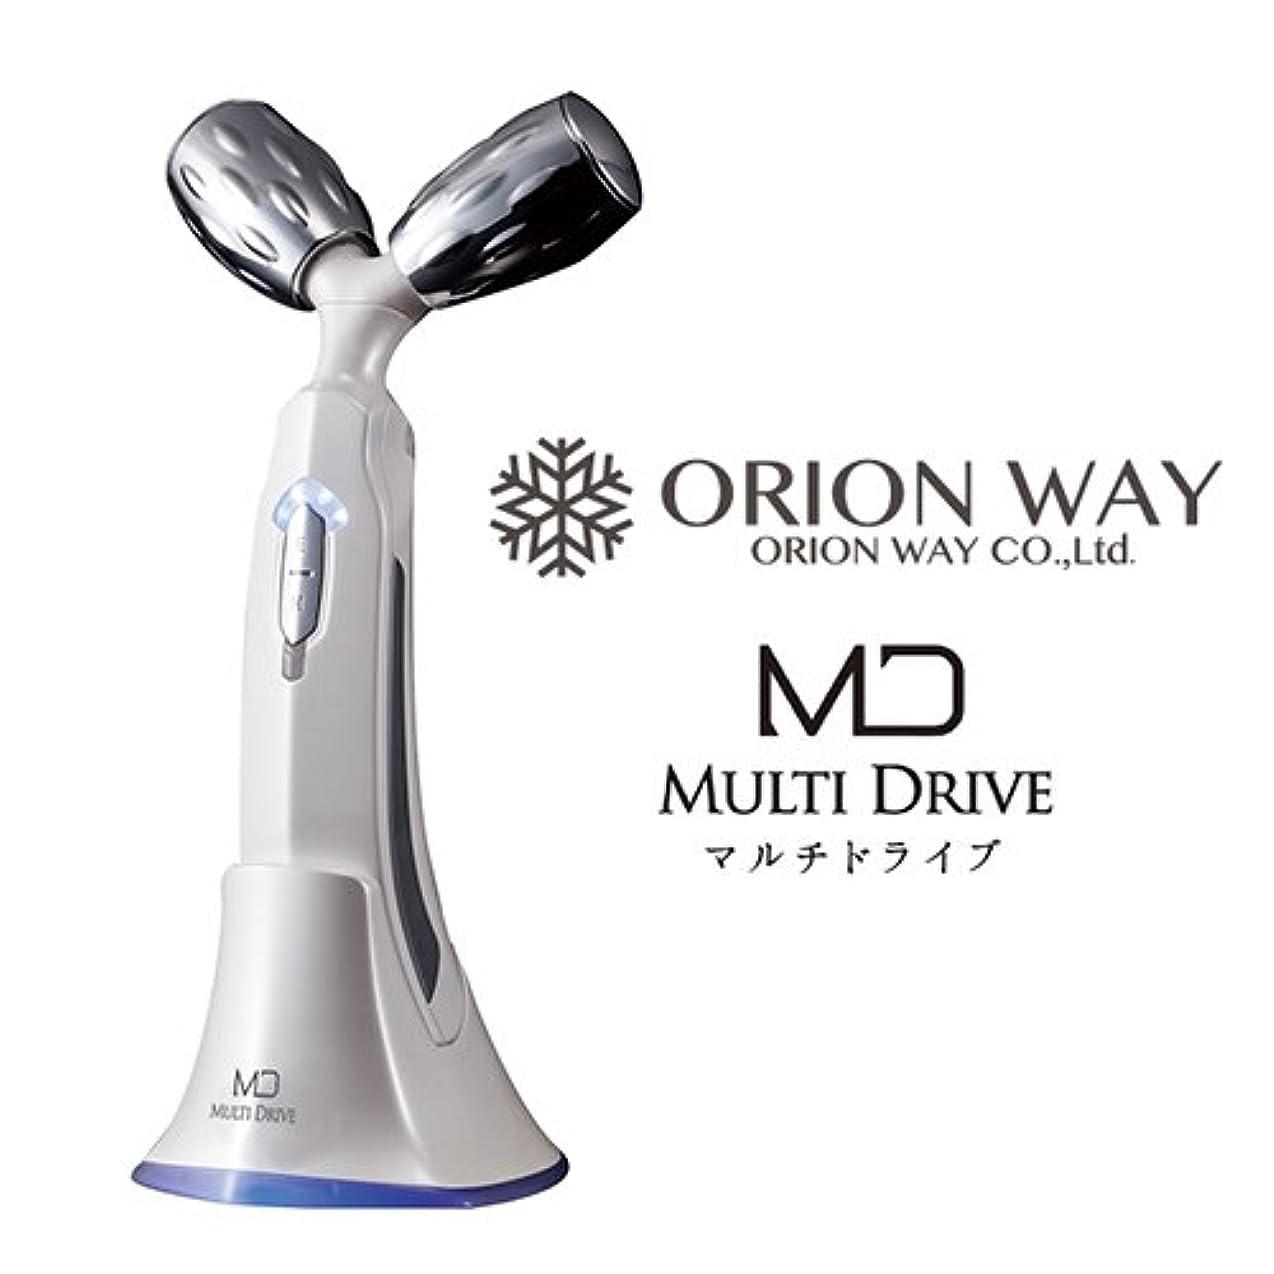 取り替える寄り添うまさに美容機器 MULTI DRIVE (マルチドライブ)